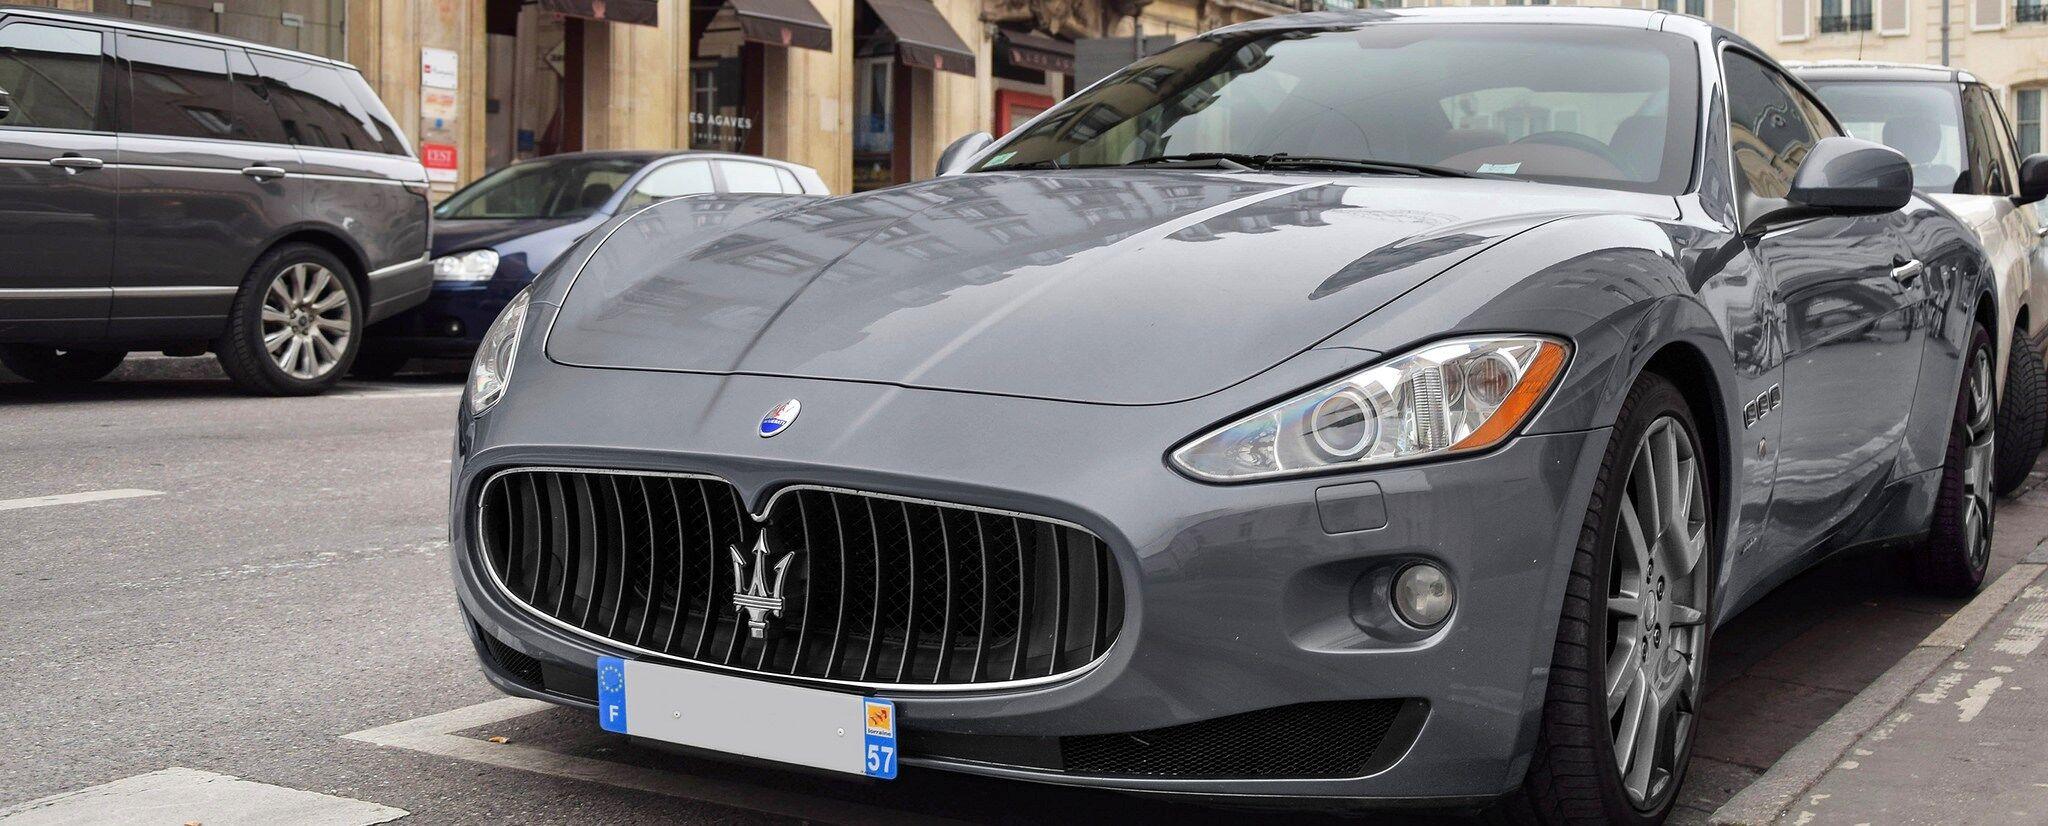 2018 Maserati GranTurismo | Mission, TX